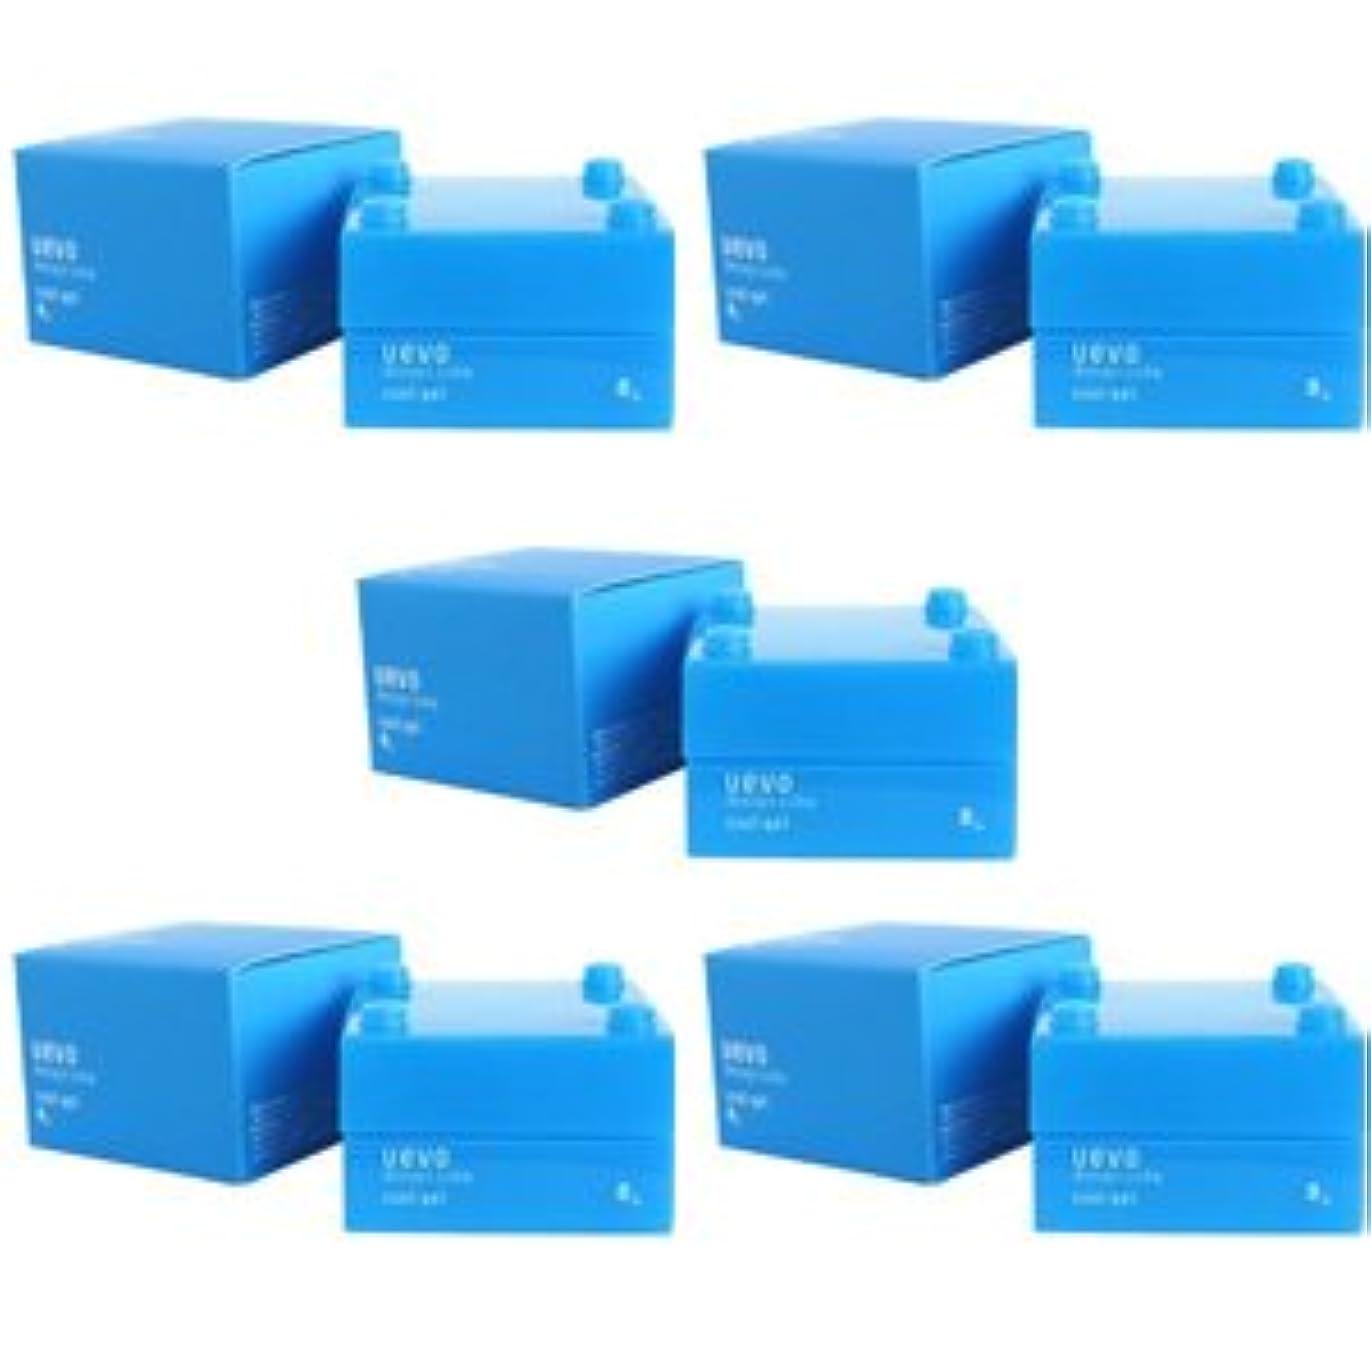 問い合わせるプレビスサイト担当者【X5個セット】 デミ ウェーボ デザインキューブ クールジェル 30g cool gel DEMI uevo design cube